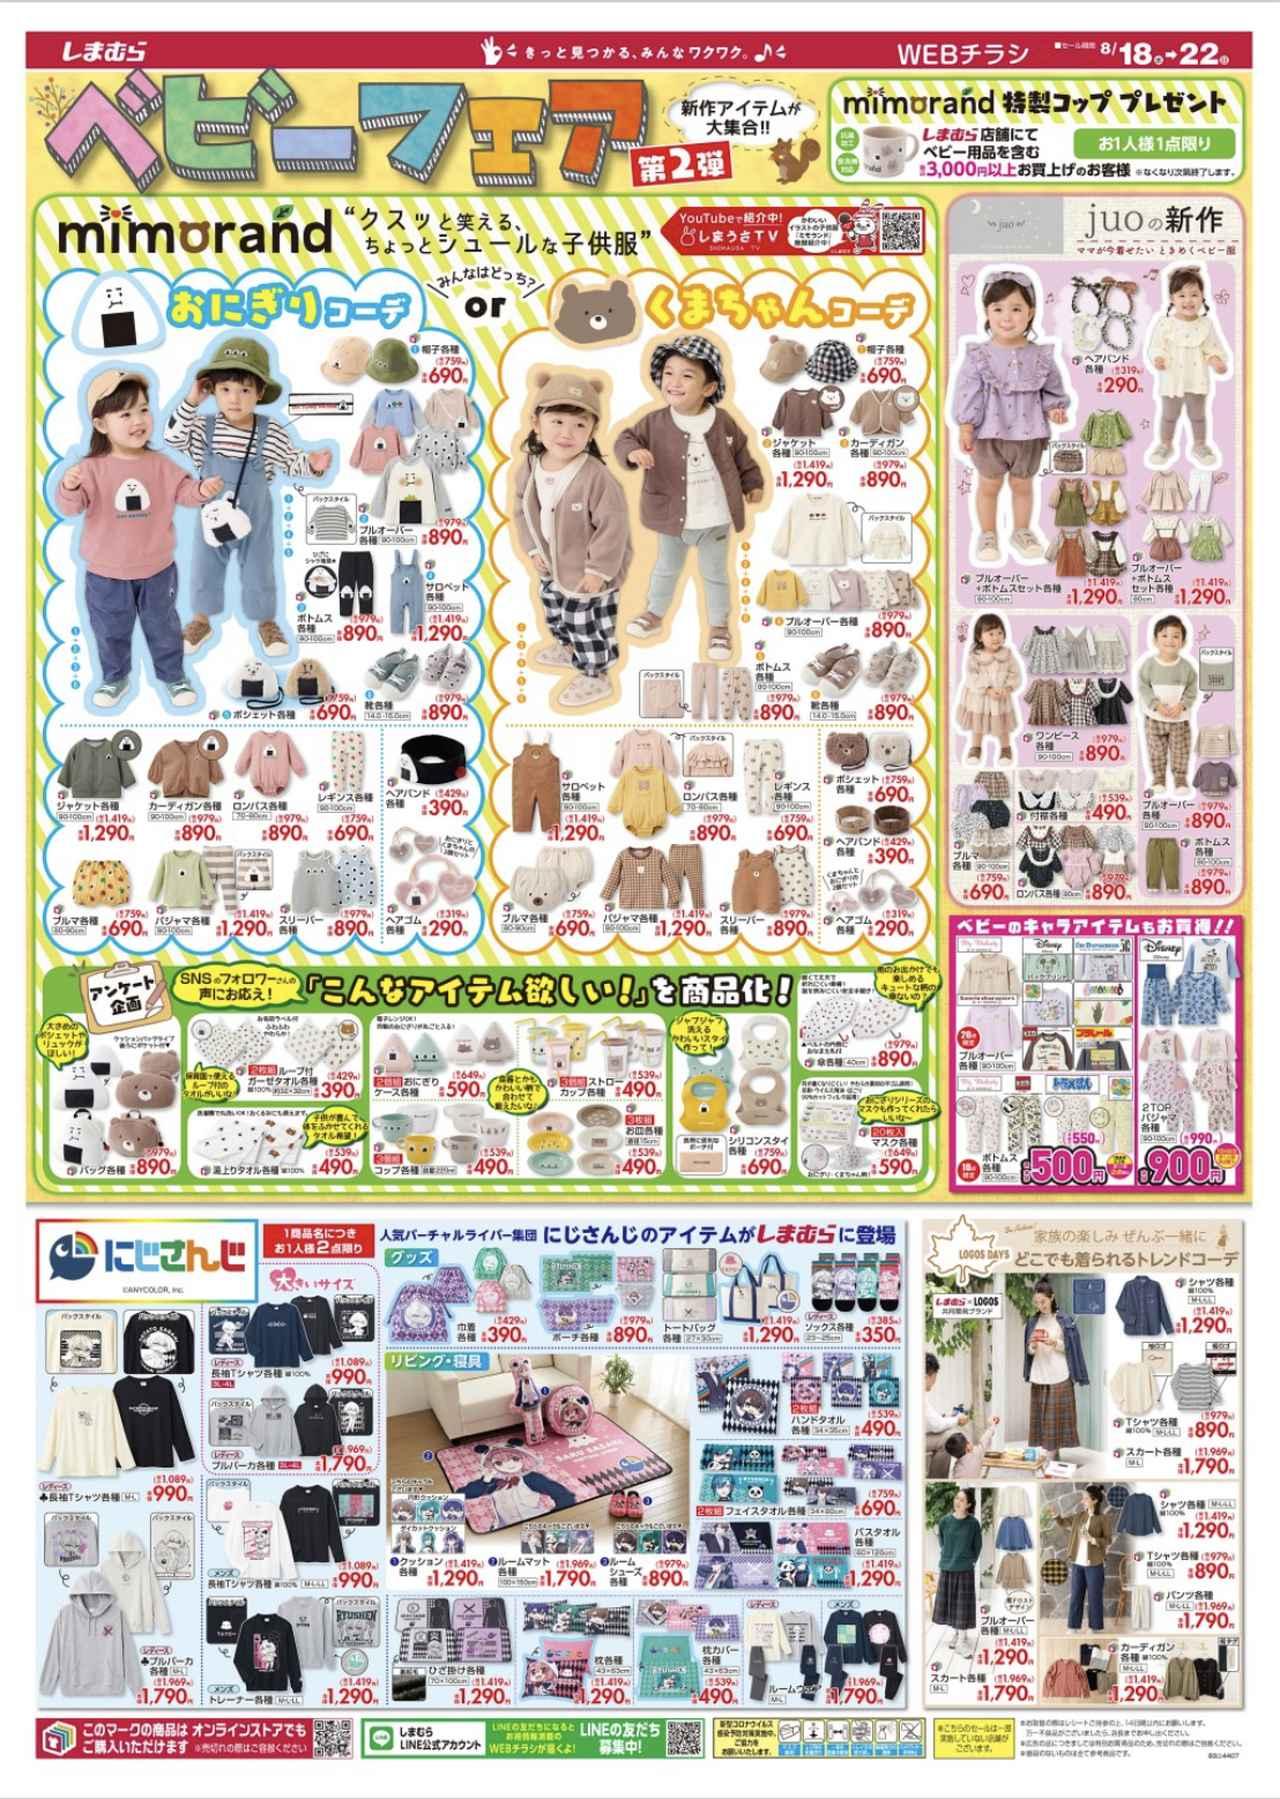 画像: www.shimamura.gr.jp